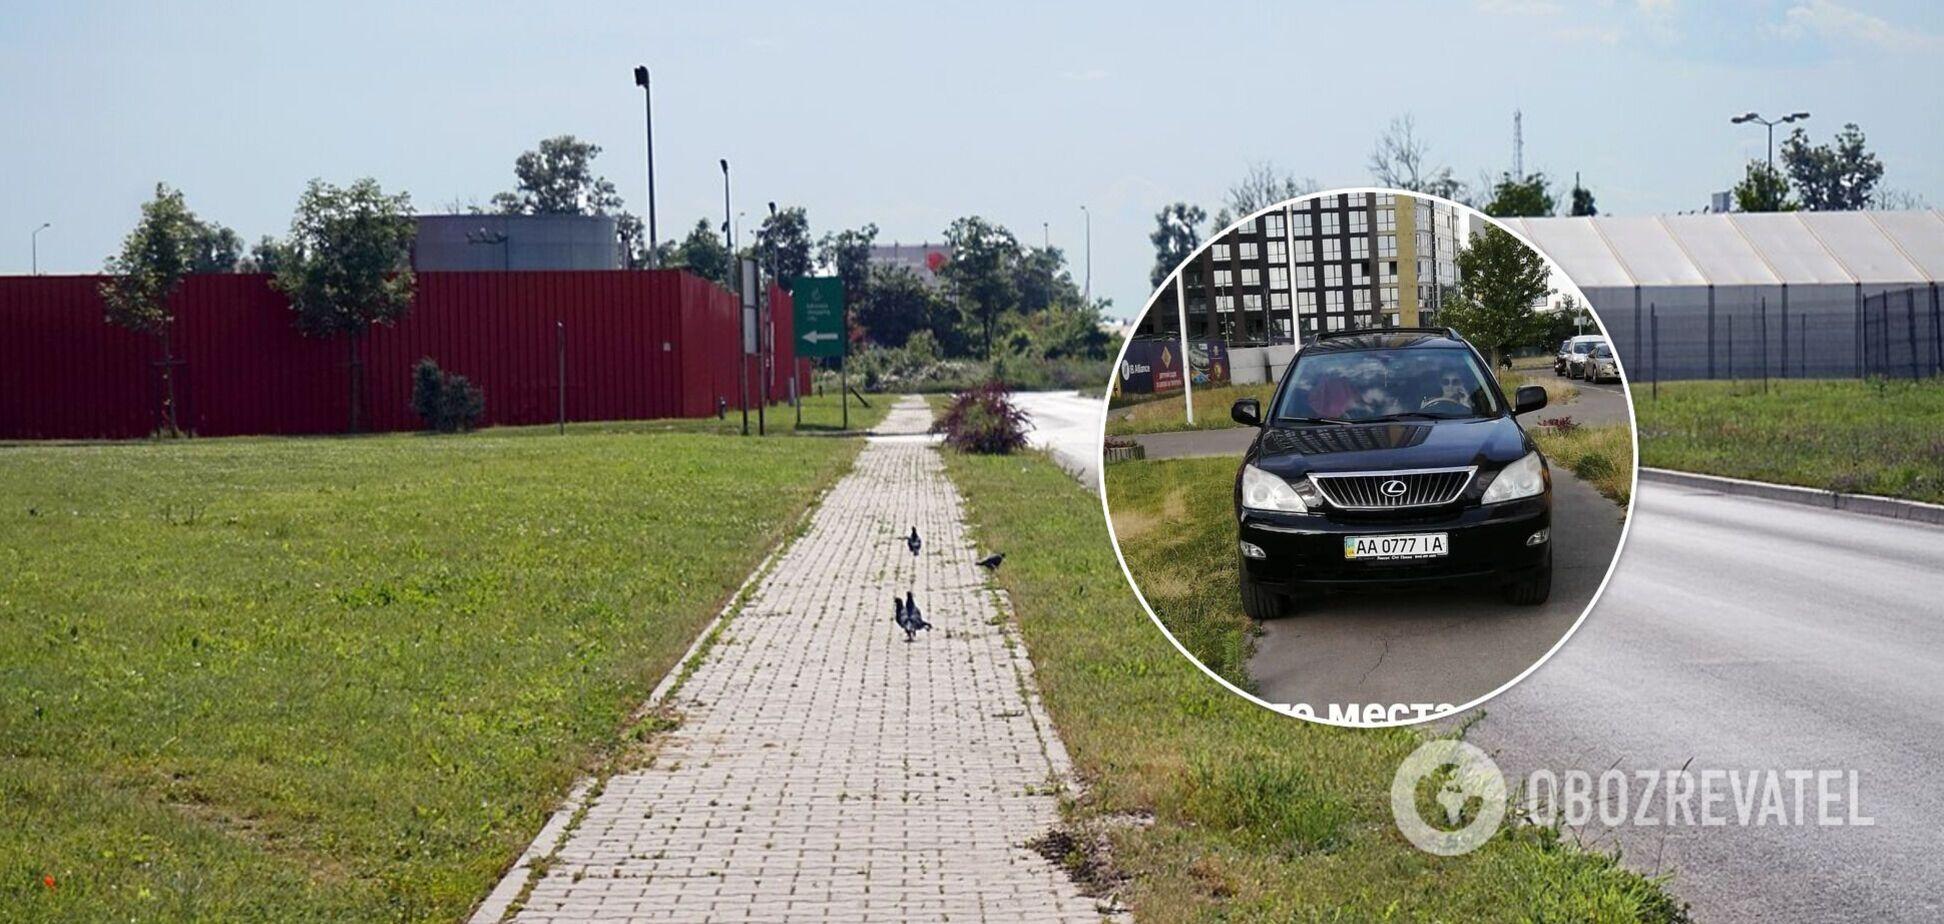 Авто було припарковане з порушенням ПДР